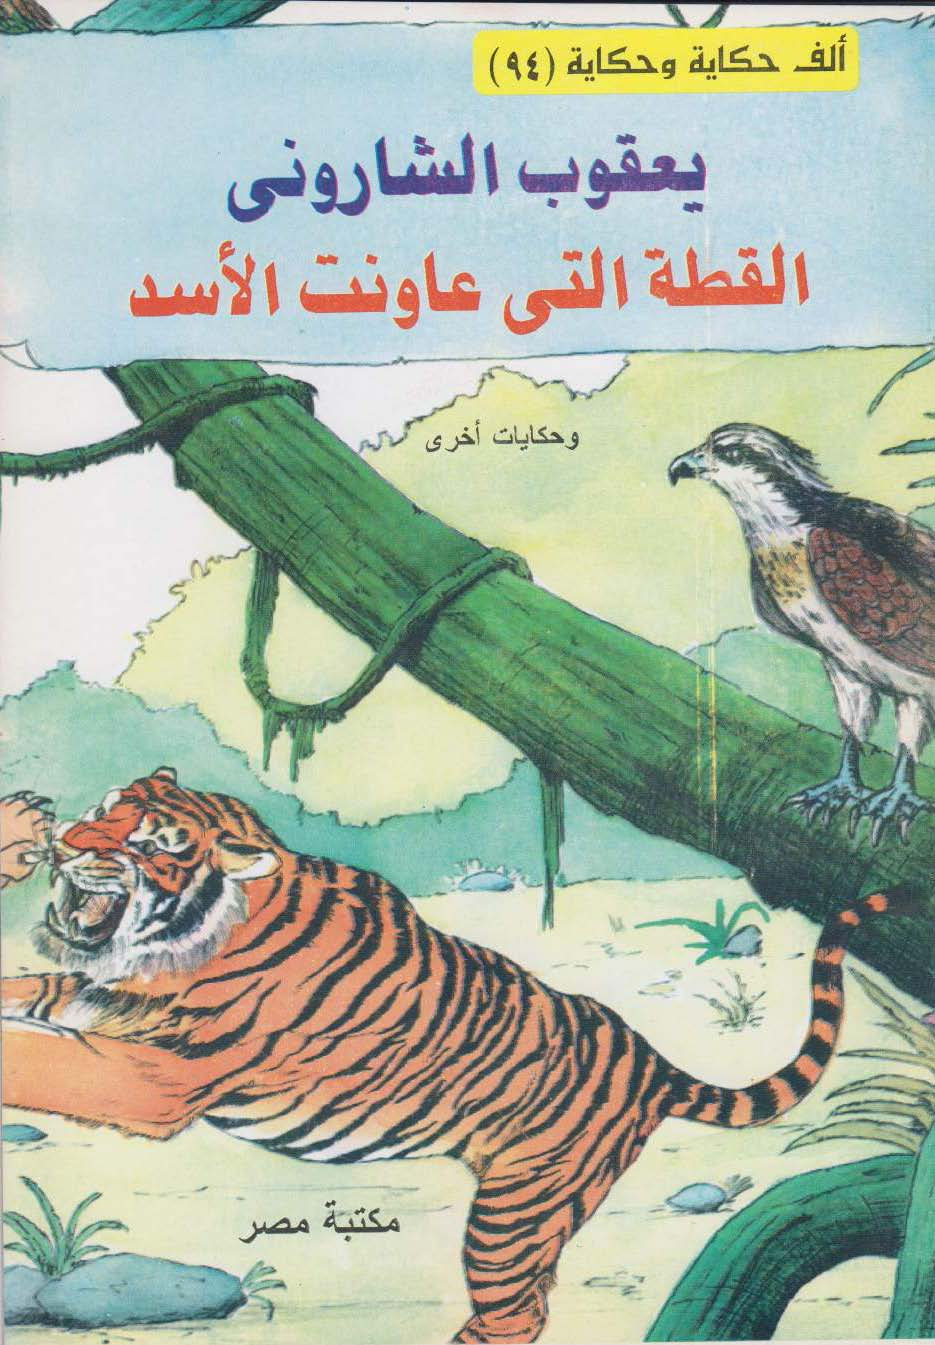 القطة التى عاونت الأسد